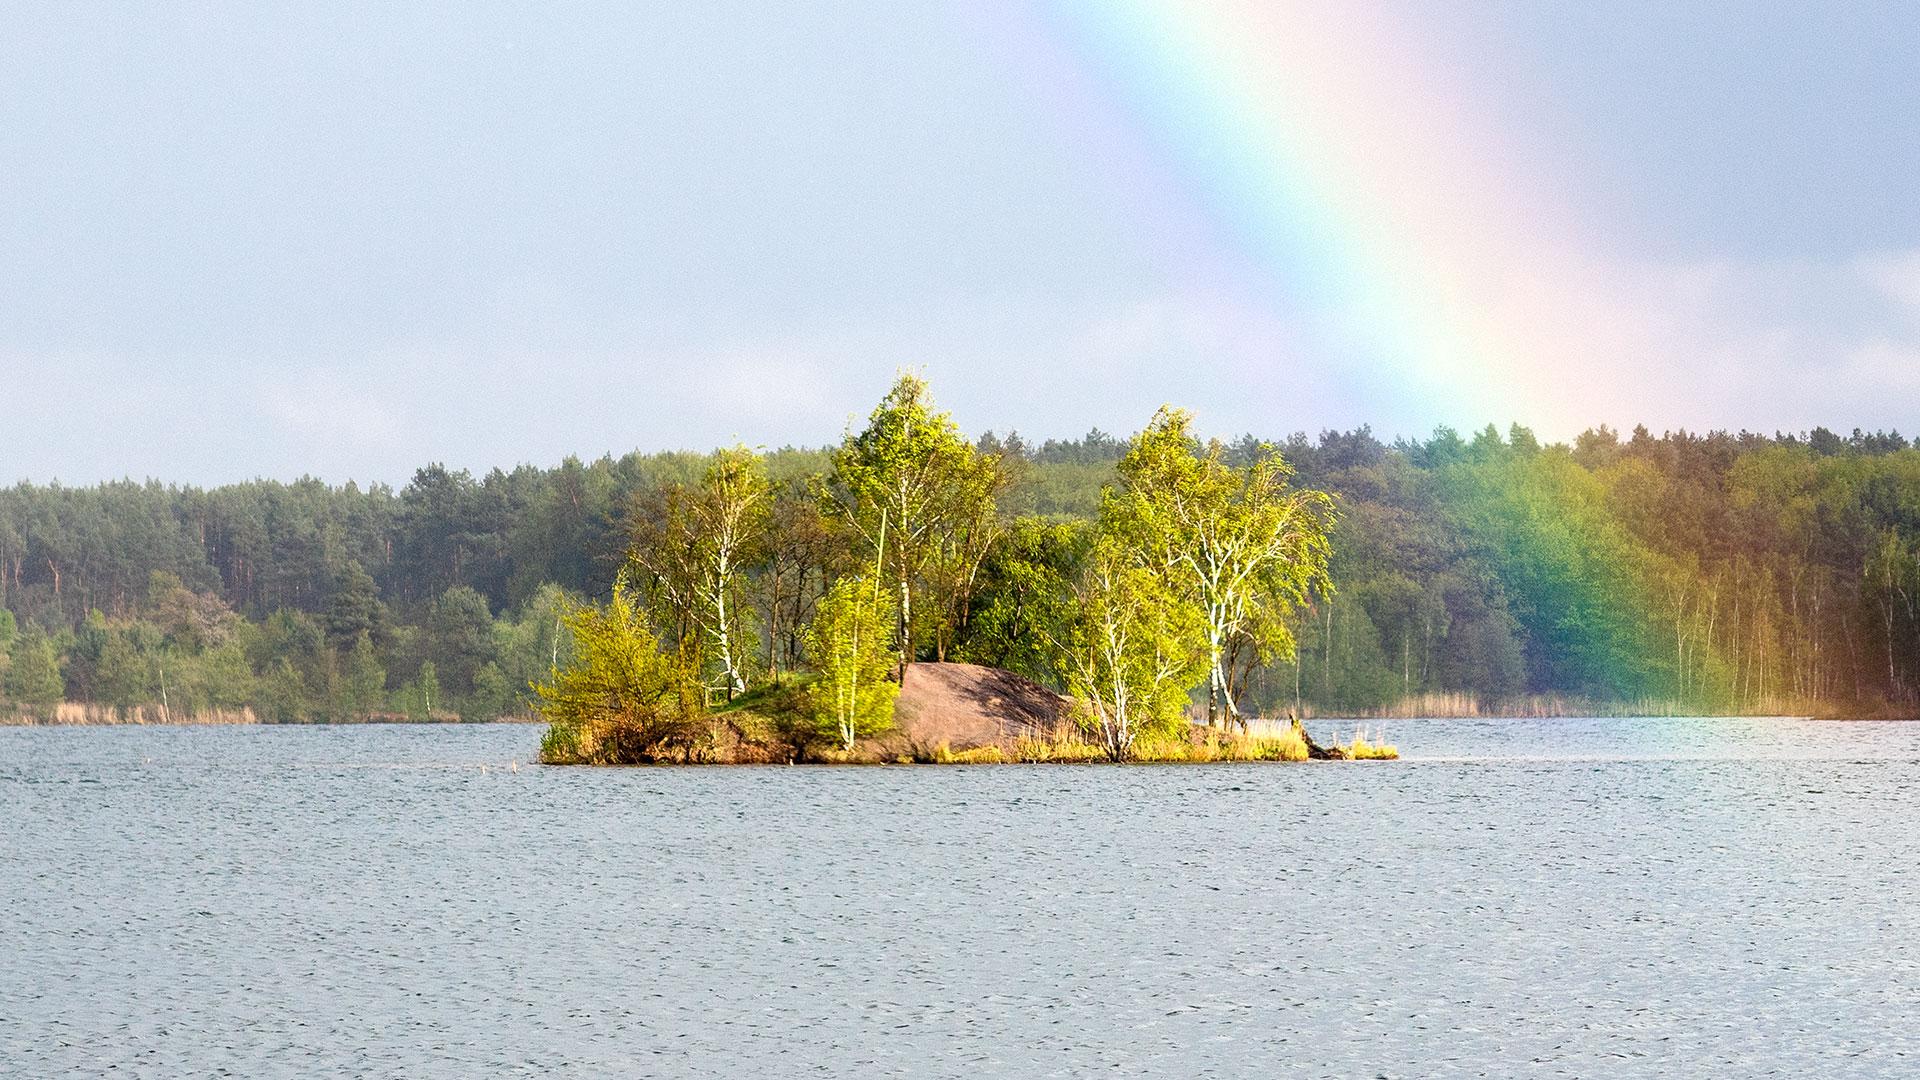 Landschaftsfotografie: Bergwitzsee, Insel mit Regenbogen | Foto: Dieter Eikenberg, imprints